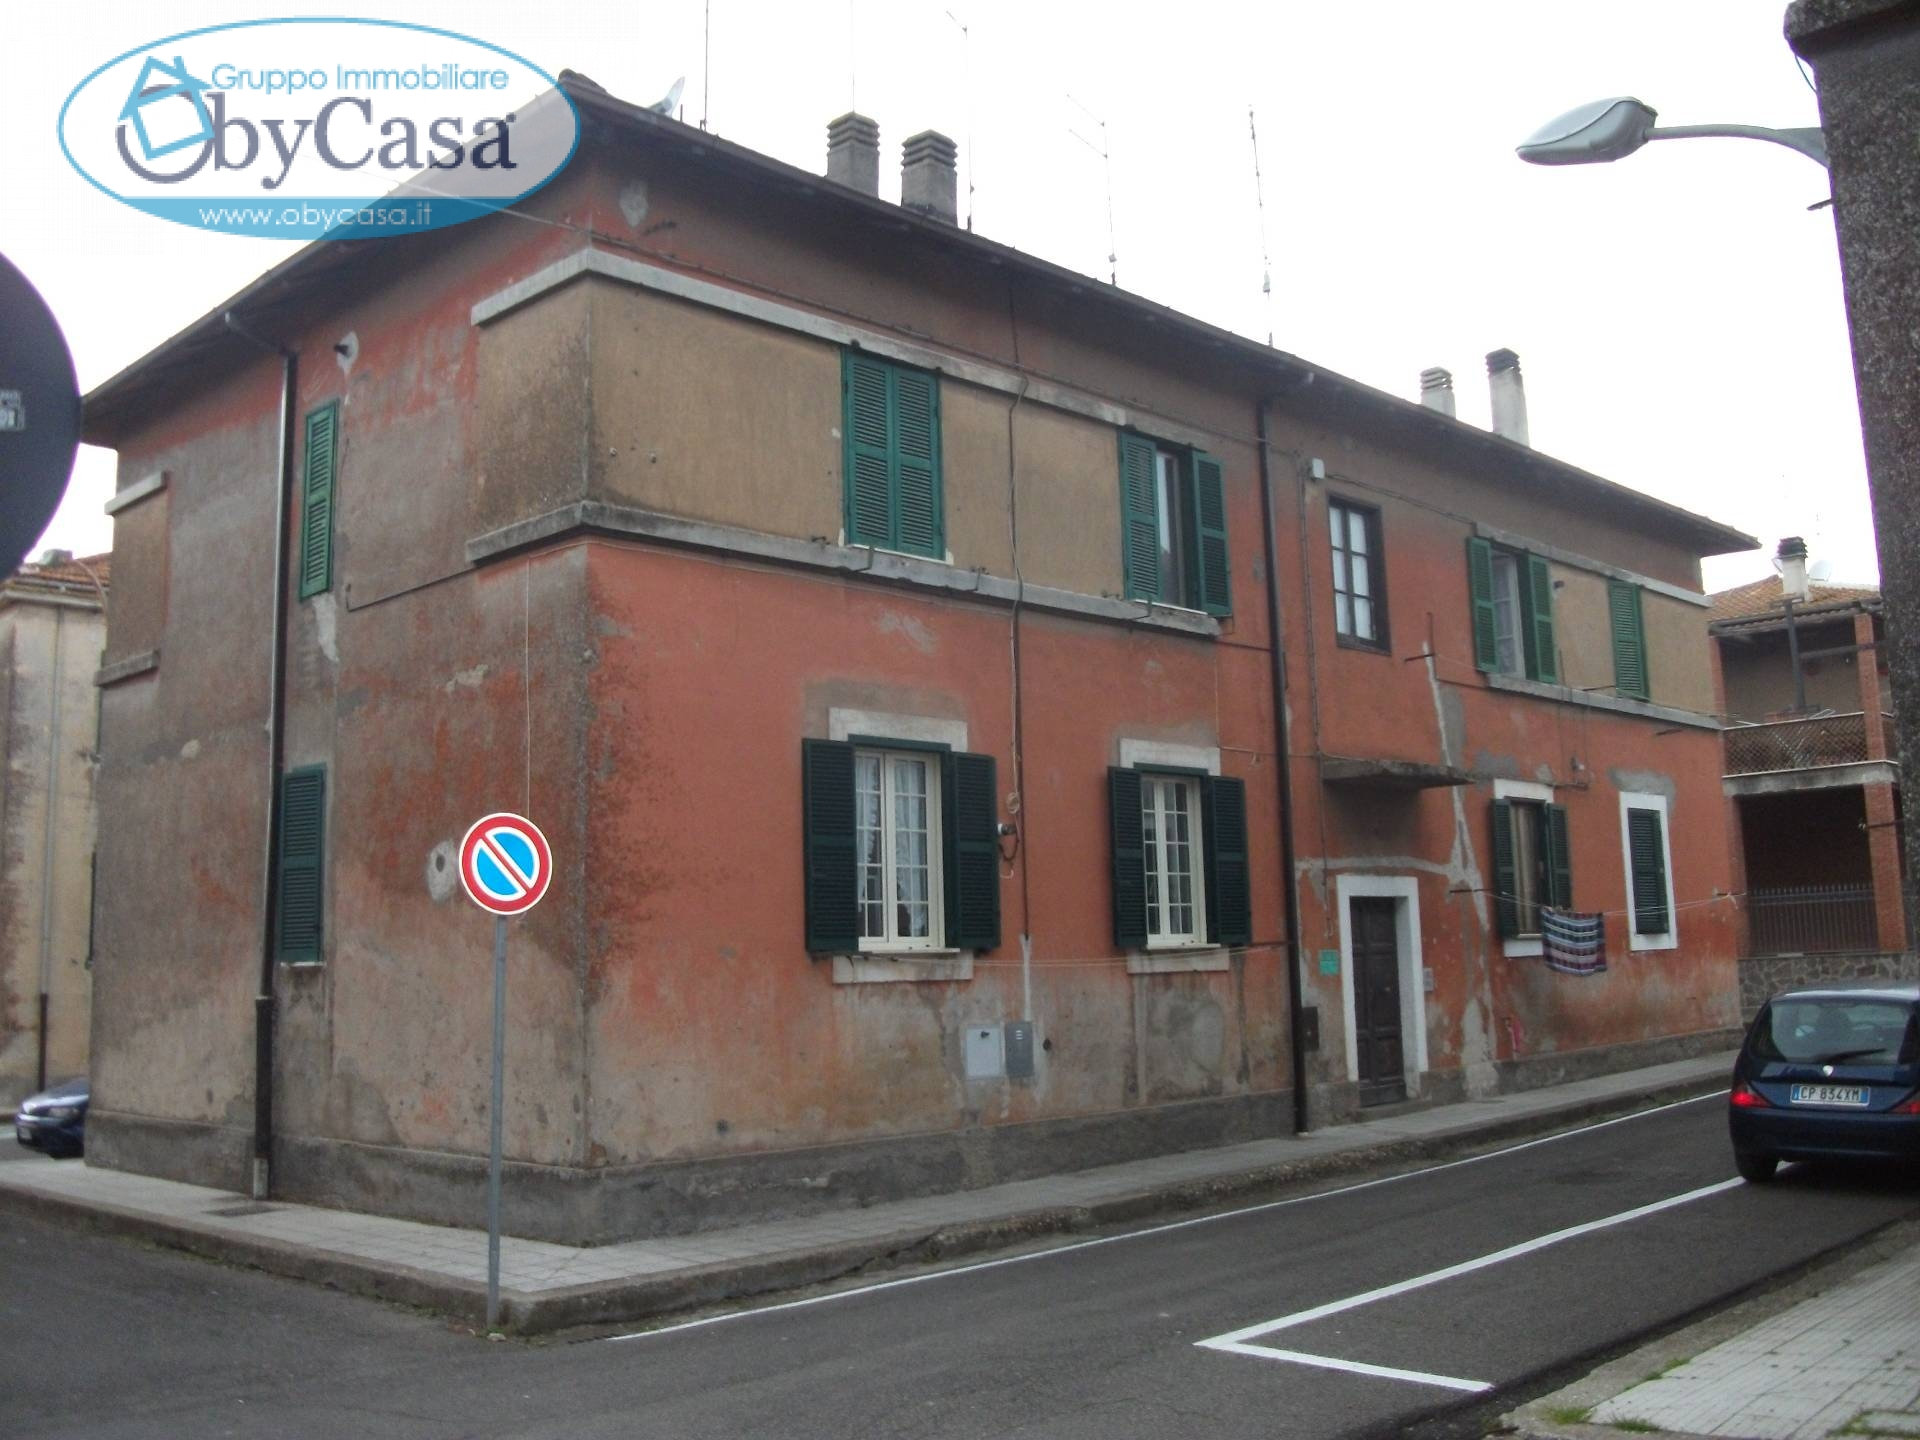 Appartamento in vendita a Vejano, 3 locali, zona Località: vejano, prezzo € 42.000 | CambioCasa.it